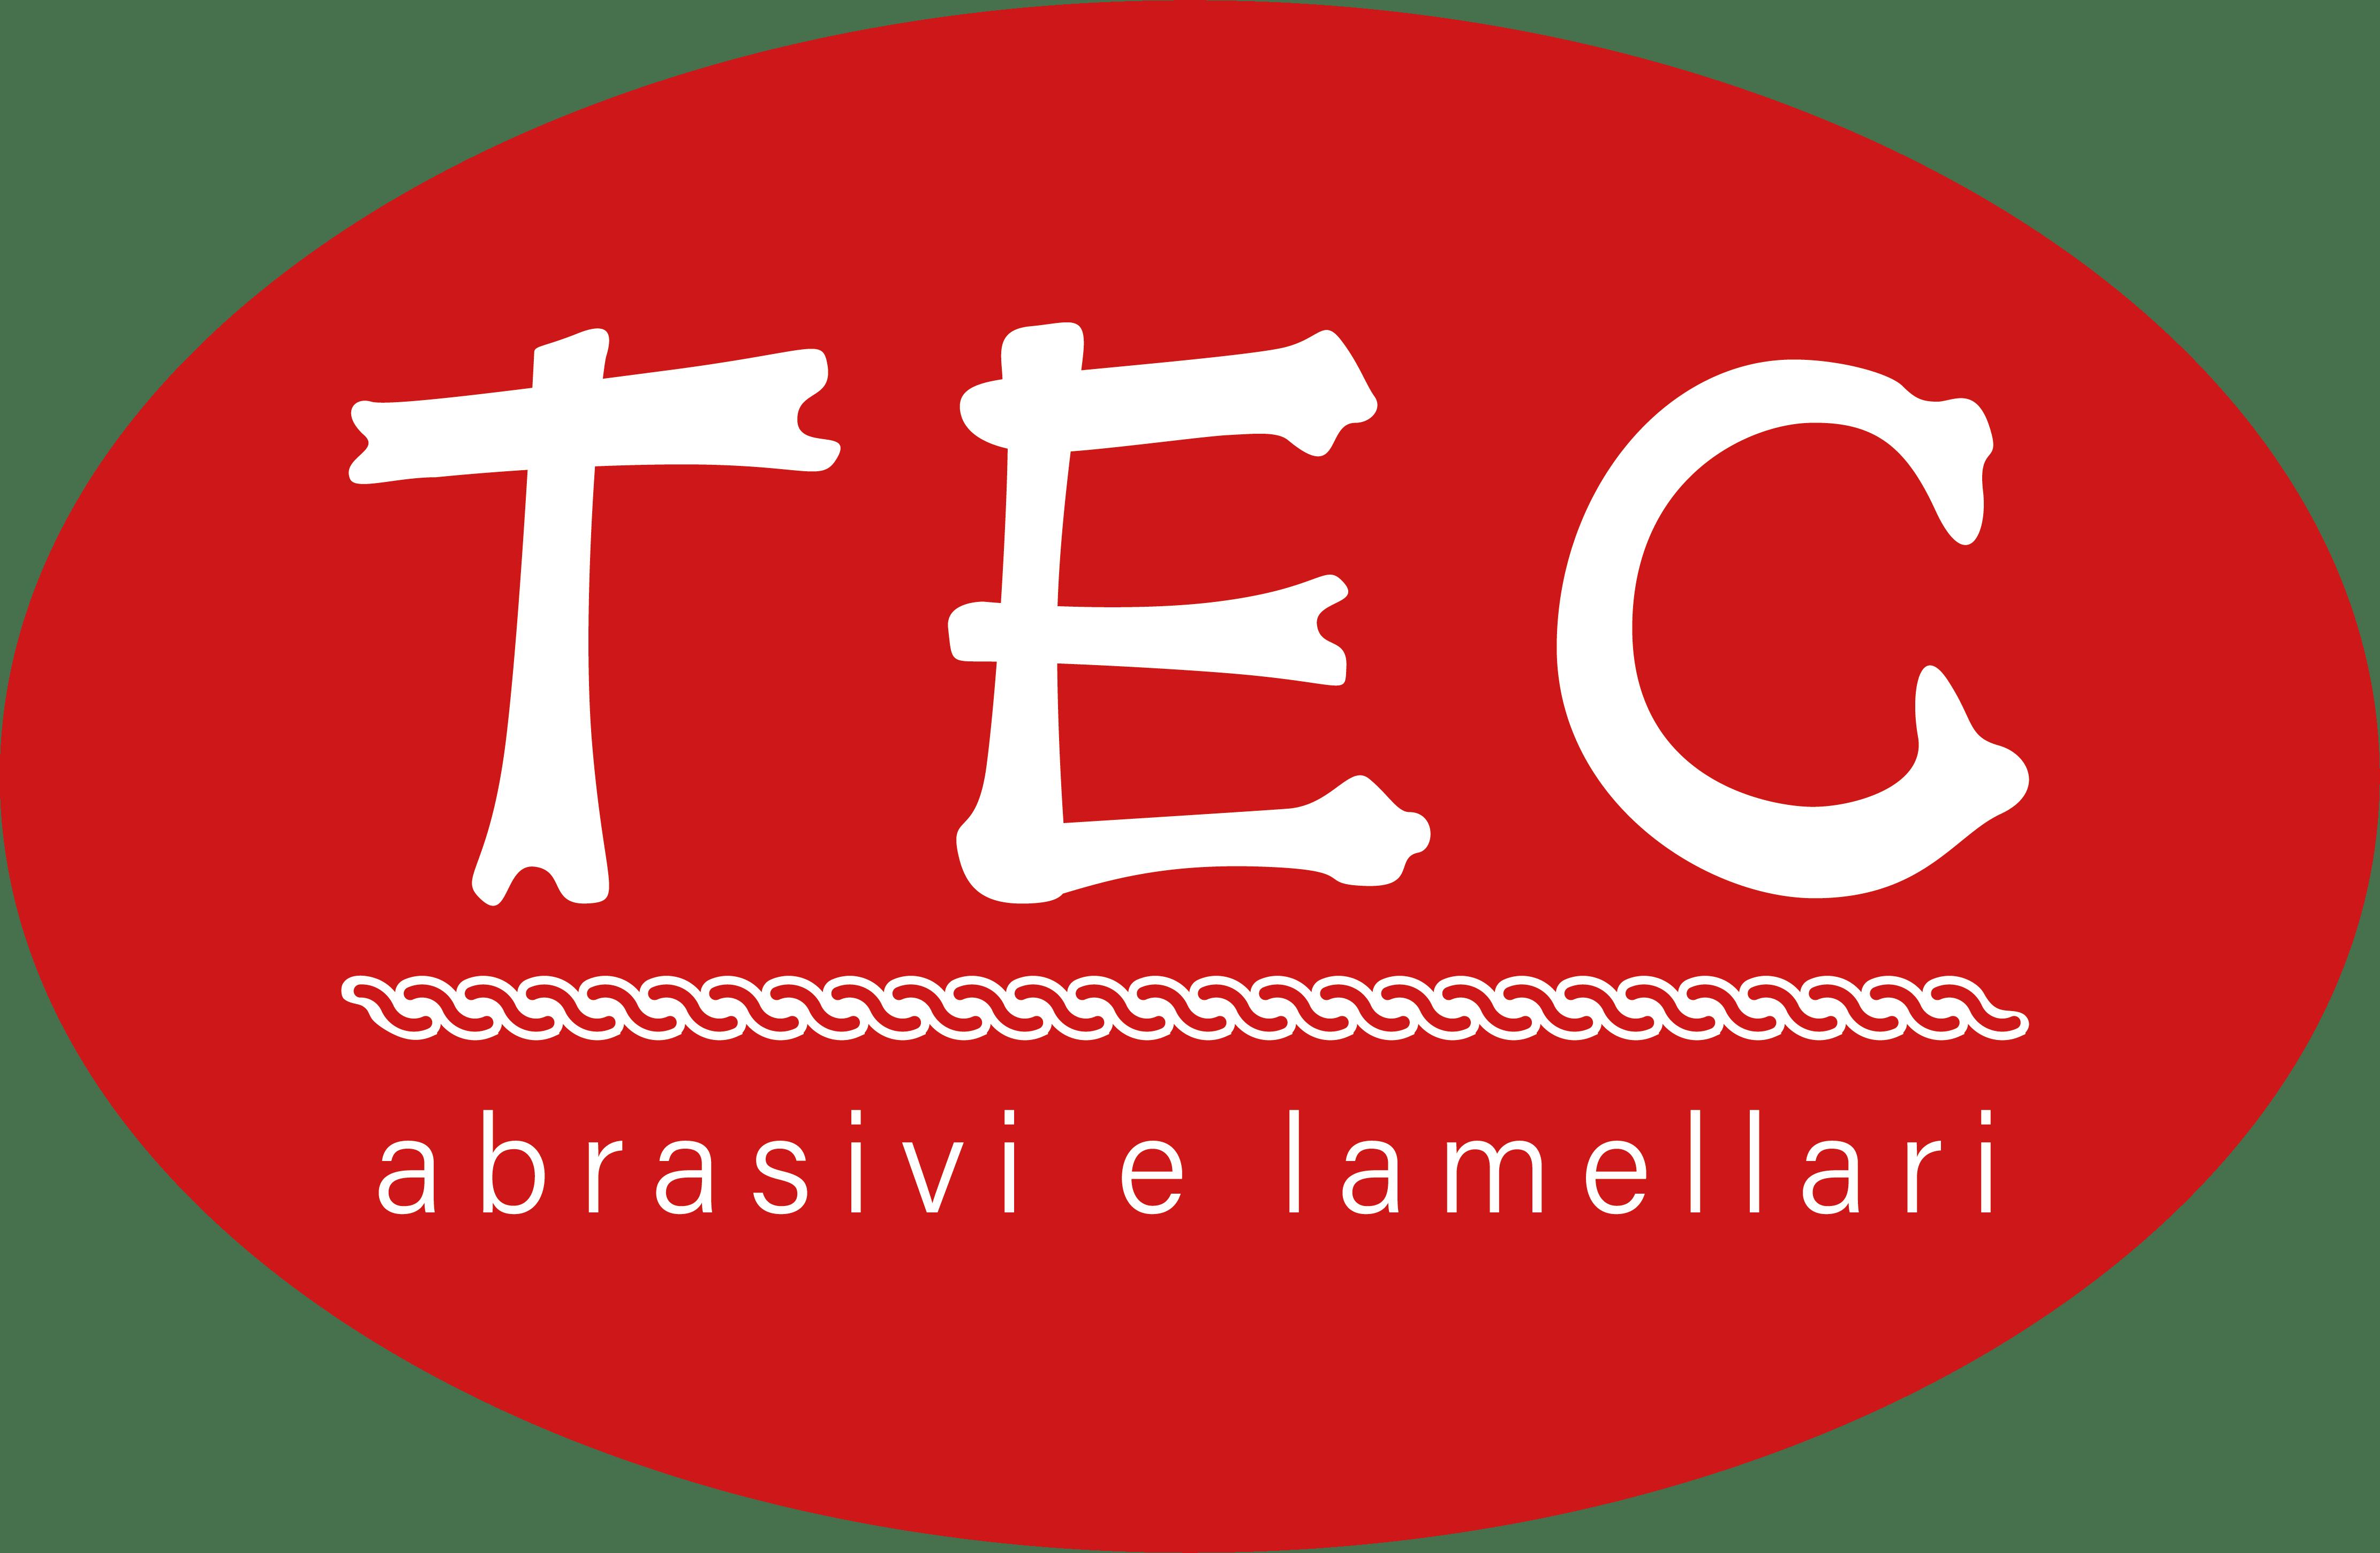 TEC srl